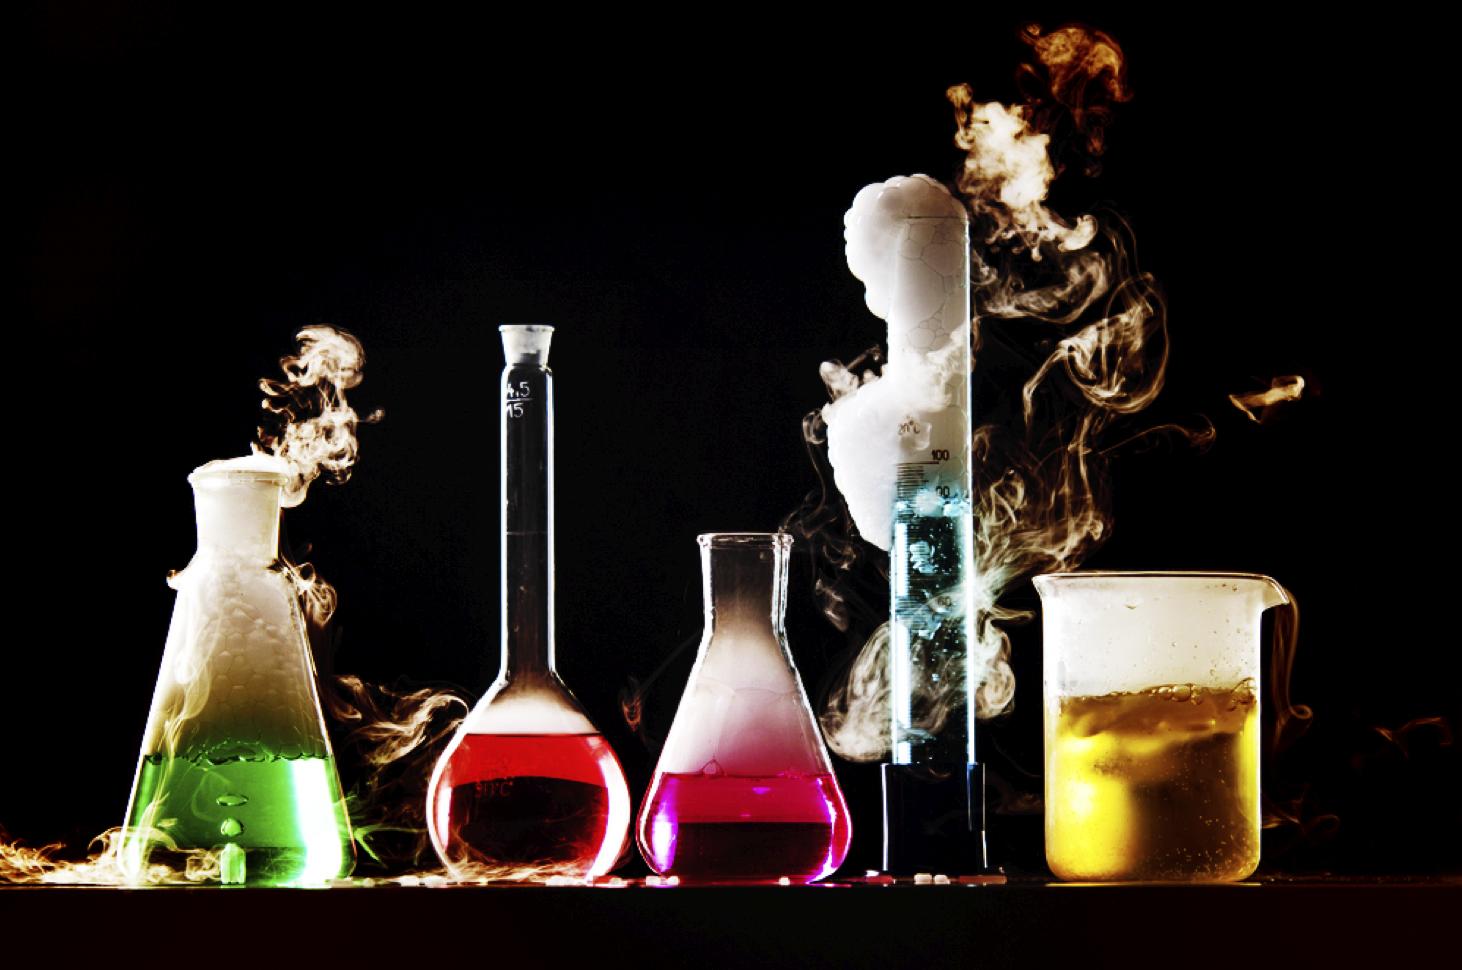 مدل انواع گریدهای مواد شیمیایی